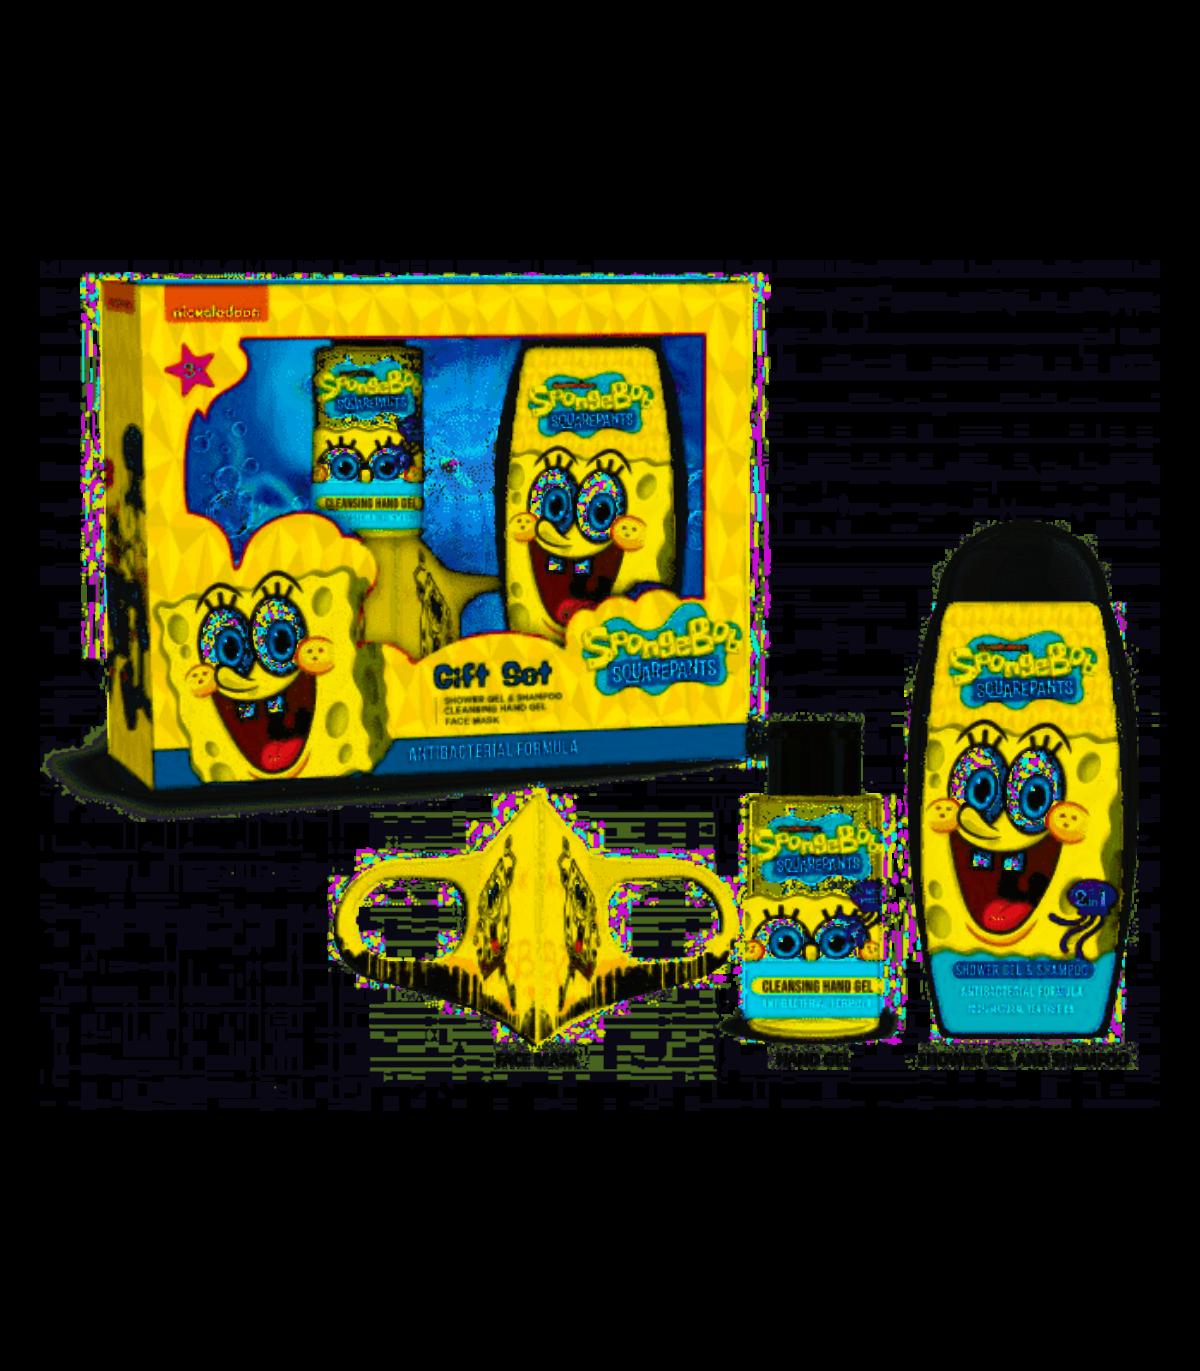 Image of Nickelodeon Gift Set Spongebob Squarepants Antibacterial Formula